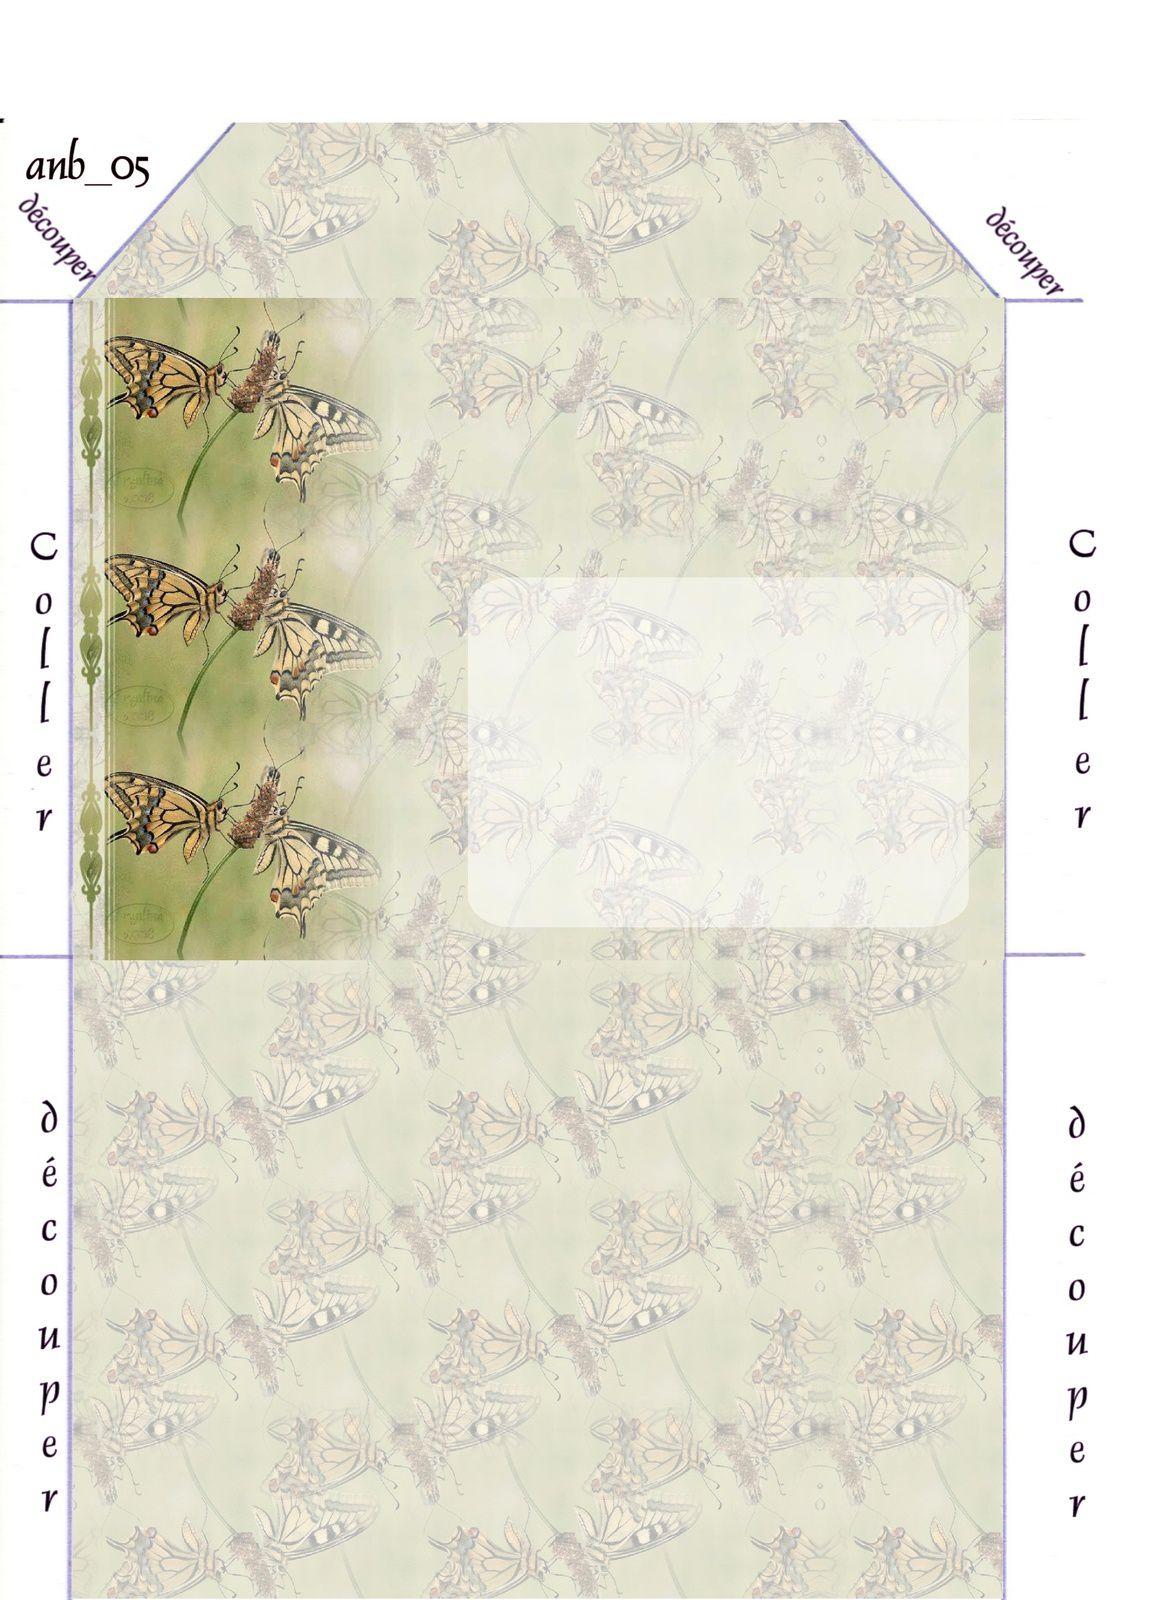 Papillons Incredimail &amp&#x3B; Papier A4 h l &amp&#x3B; outlook &amp&#x3B; enveloppe &amp&#x3B; 2 cartes A5 &amp&#x3B; signets 3 langues      pap_1202233578574